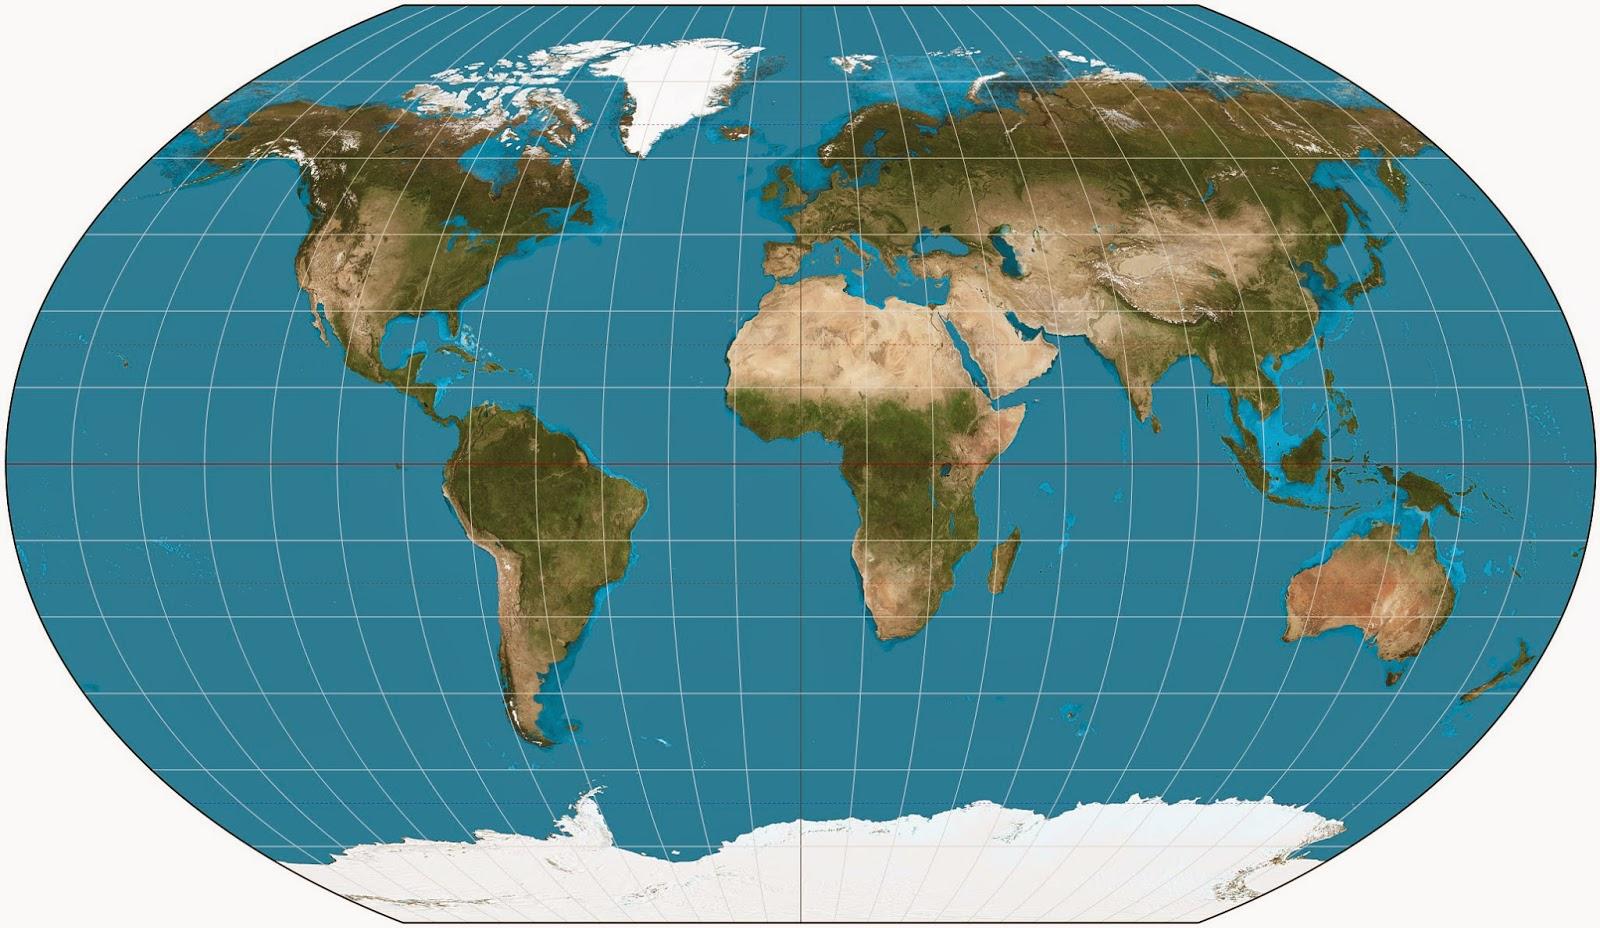 رد: خريطة العالم صماء ، خريطة دول العالم صماء ، خريطة العالم